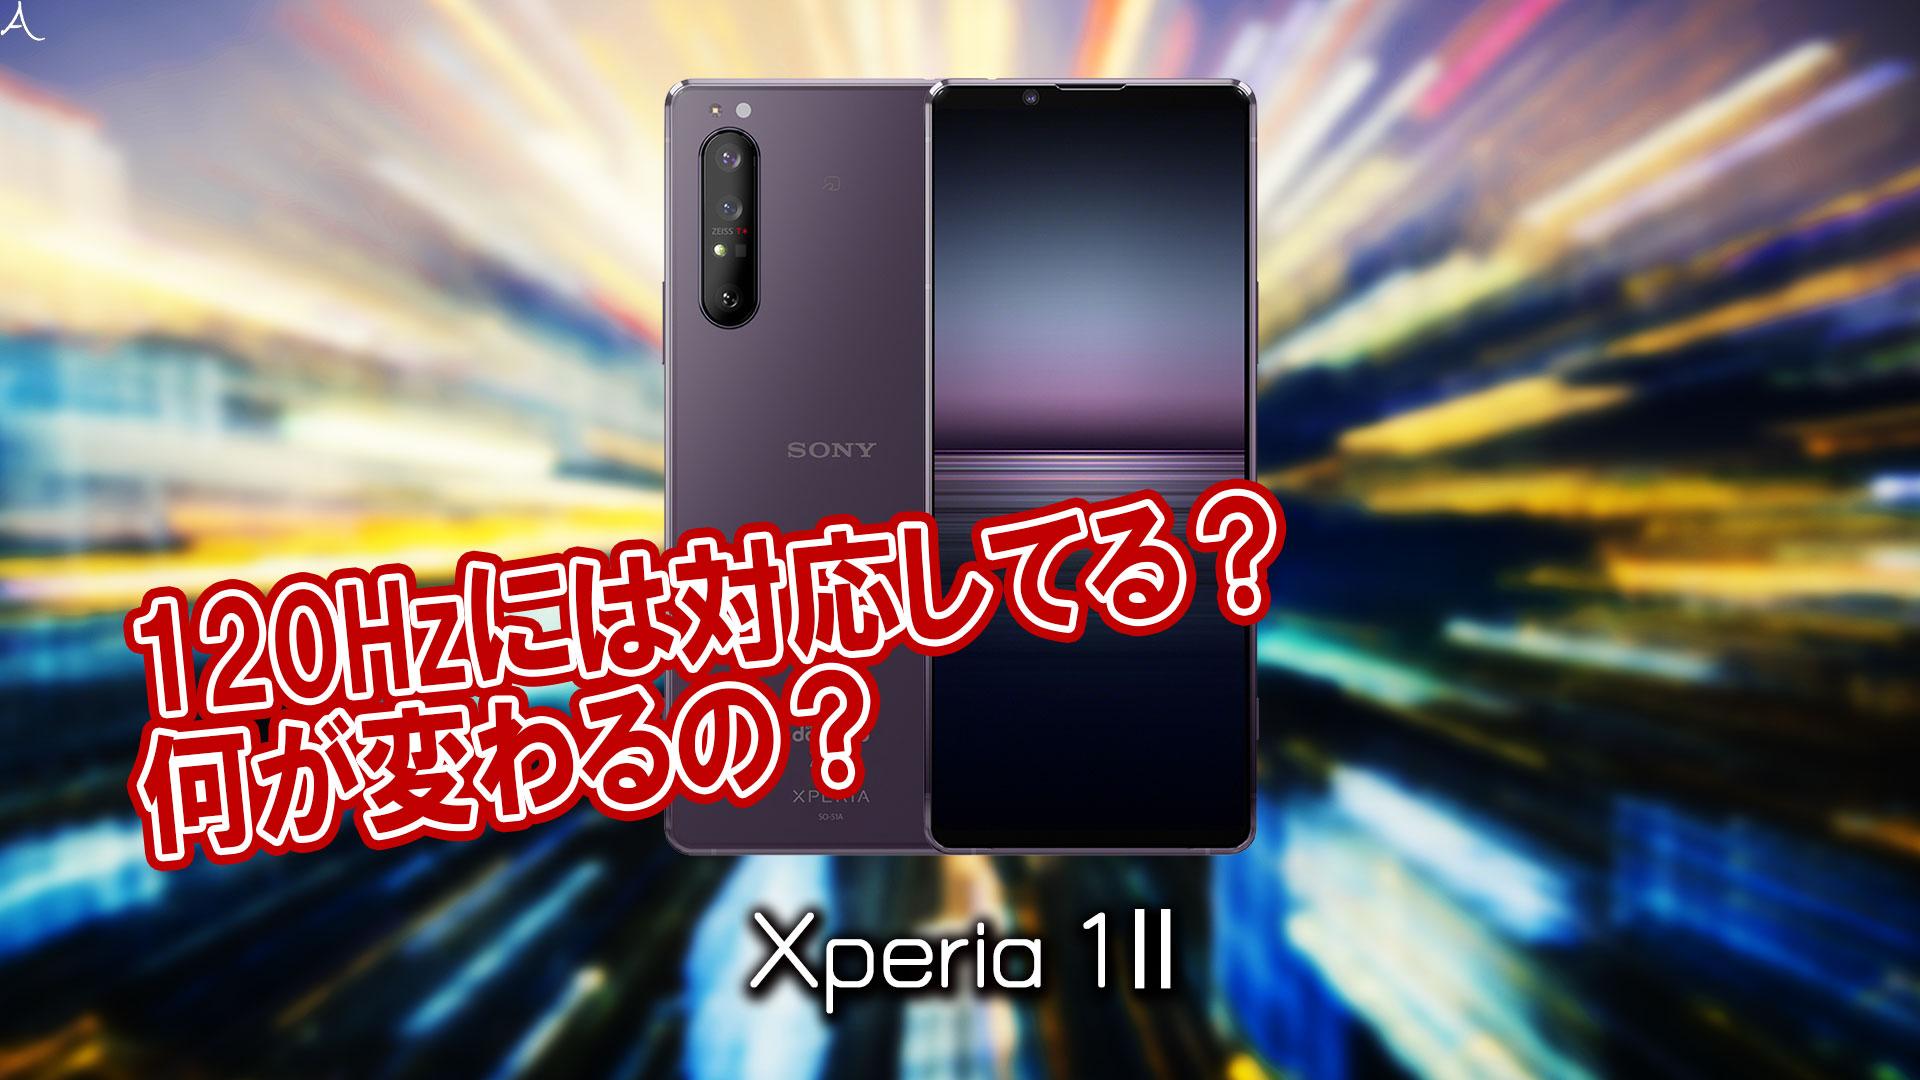 「Xperia 1 Ⅱ」のリフレッシュレートはいくつ?120Hzには対応してる?